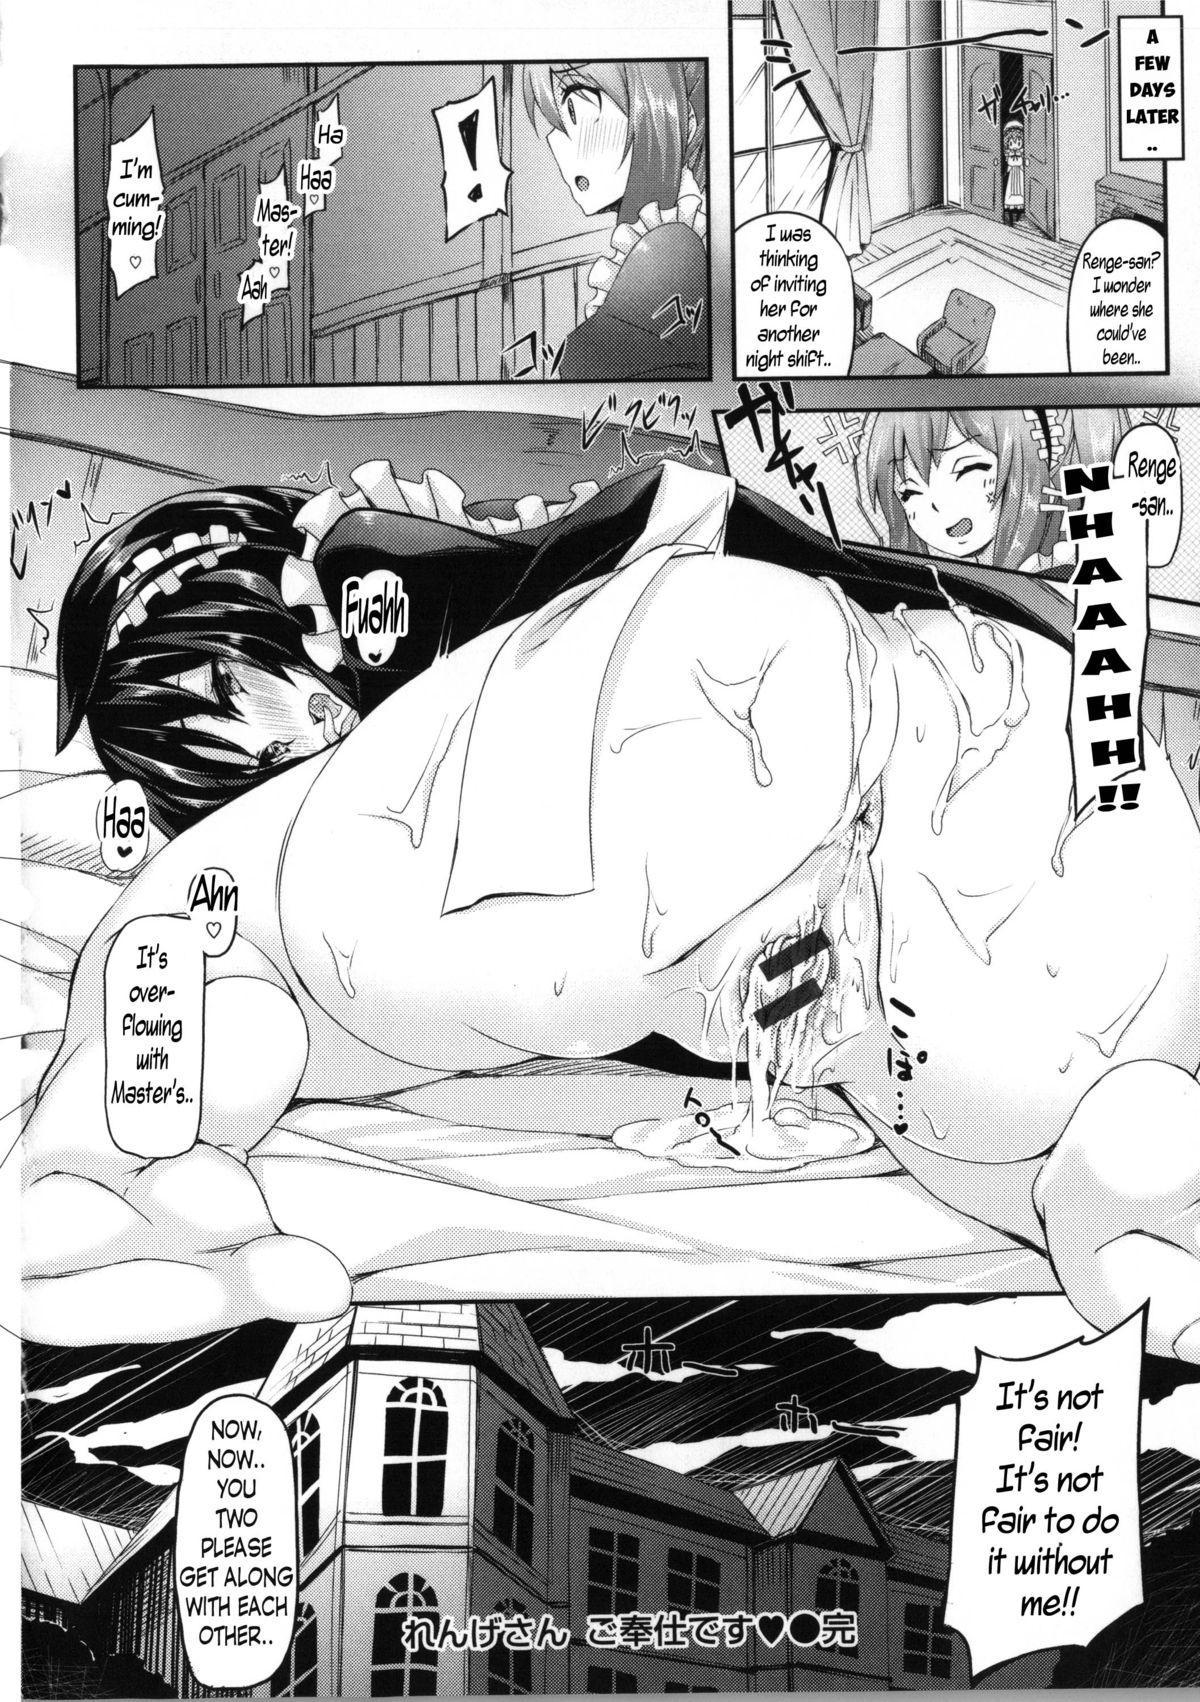 [Hinasaki Yo] Renge-san Gohoushi desu | Renge-san at Your Service (Ima Kimi ni Koi shiteru) [English] =CaunhTL= 15